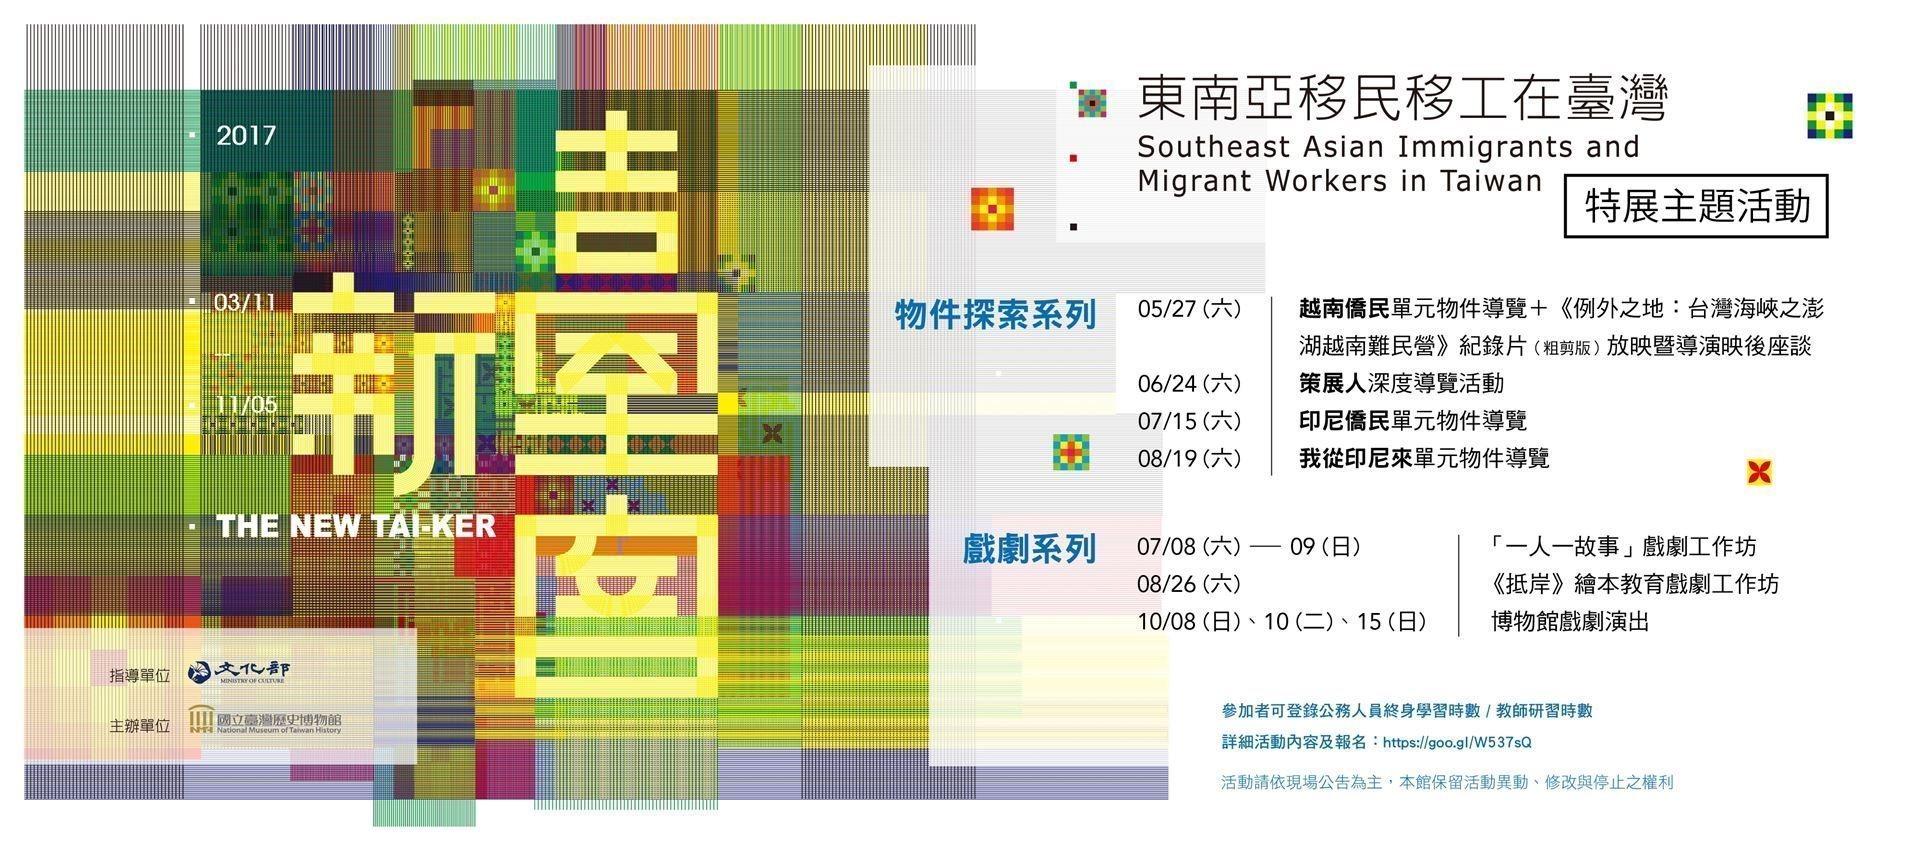 新臺客:東南亞移民移工在臺灣特展主題活動